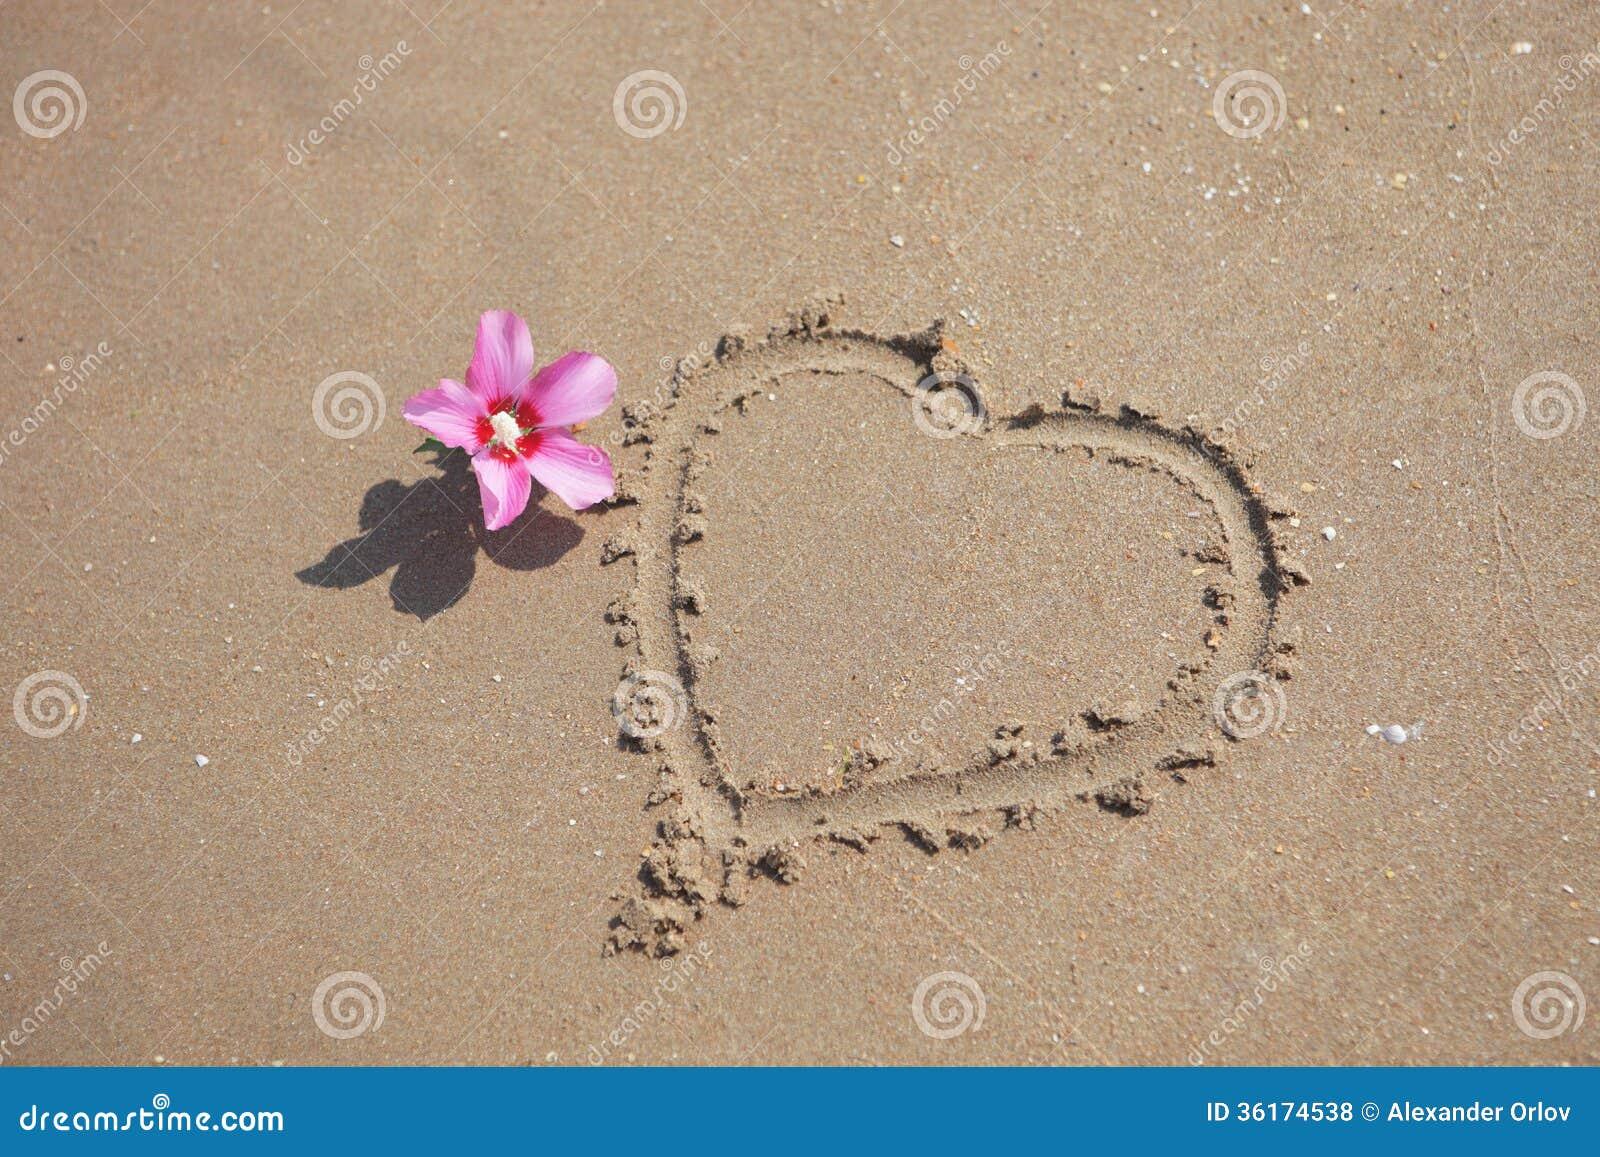 Échouez Le Sable Avec La Forme Rose De Fleur Et De Coeur Photos libres de droits - Image: 36174538